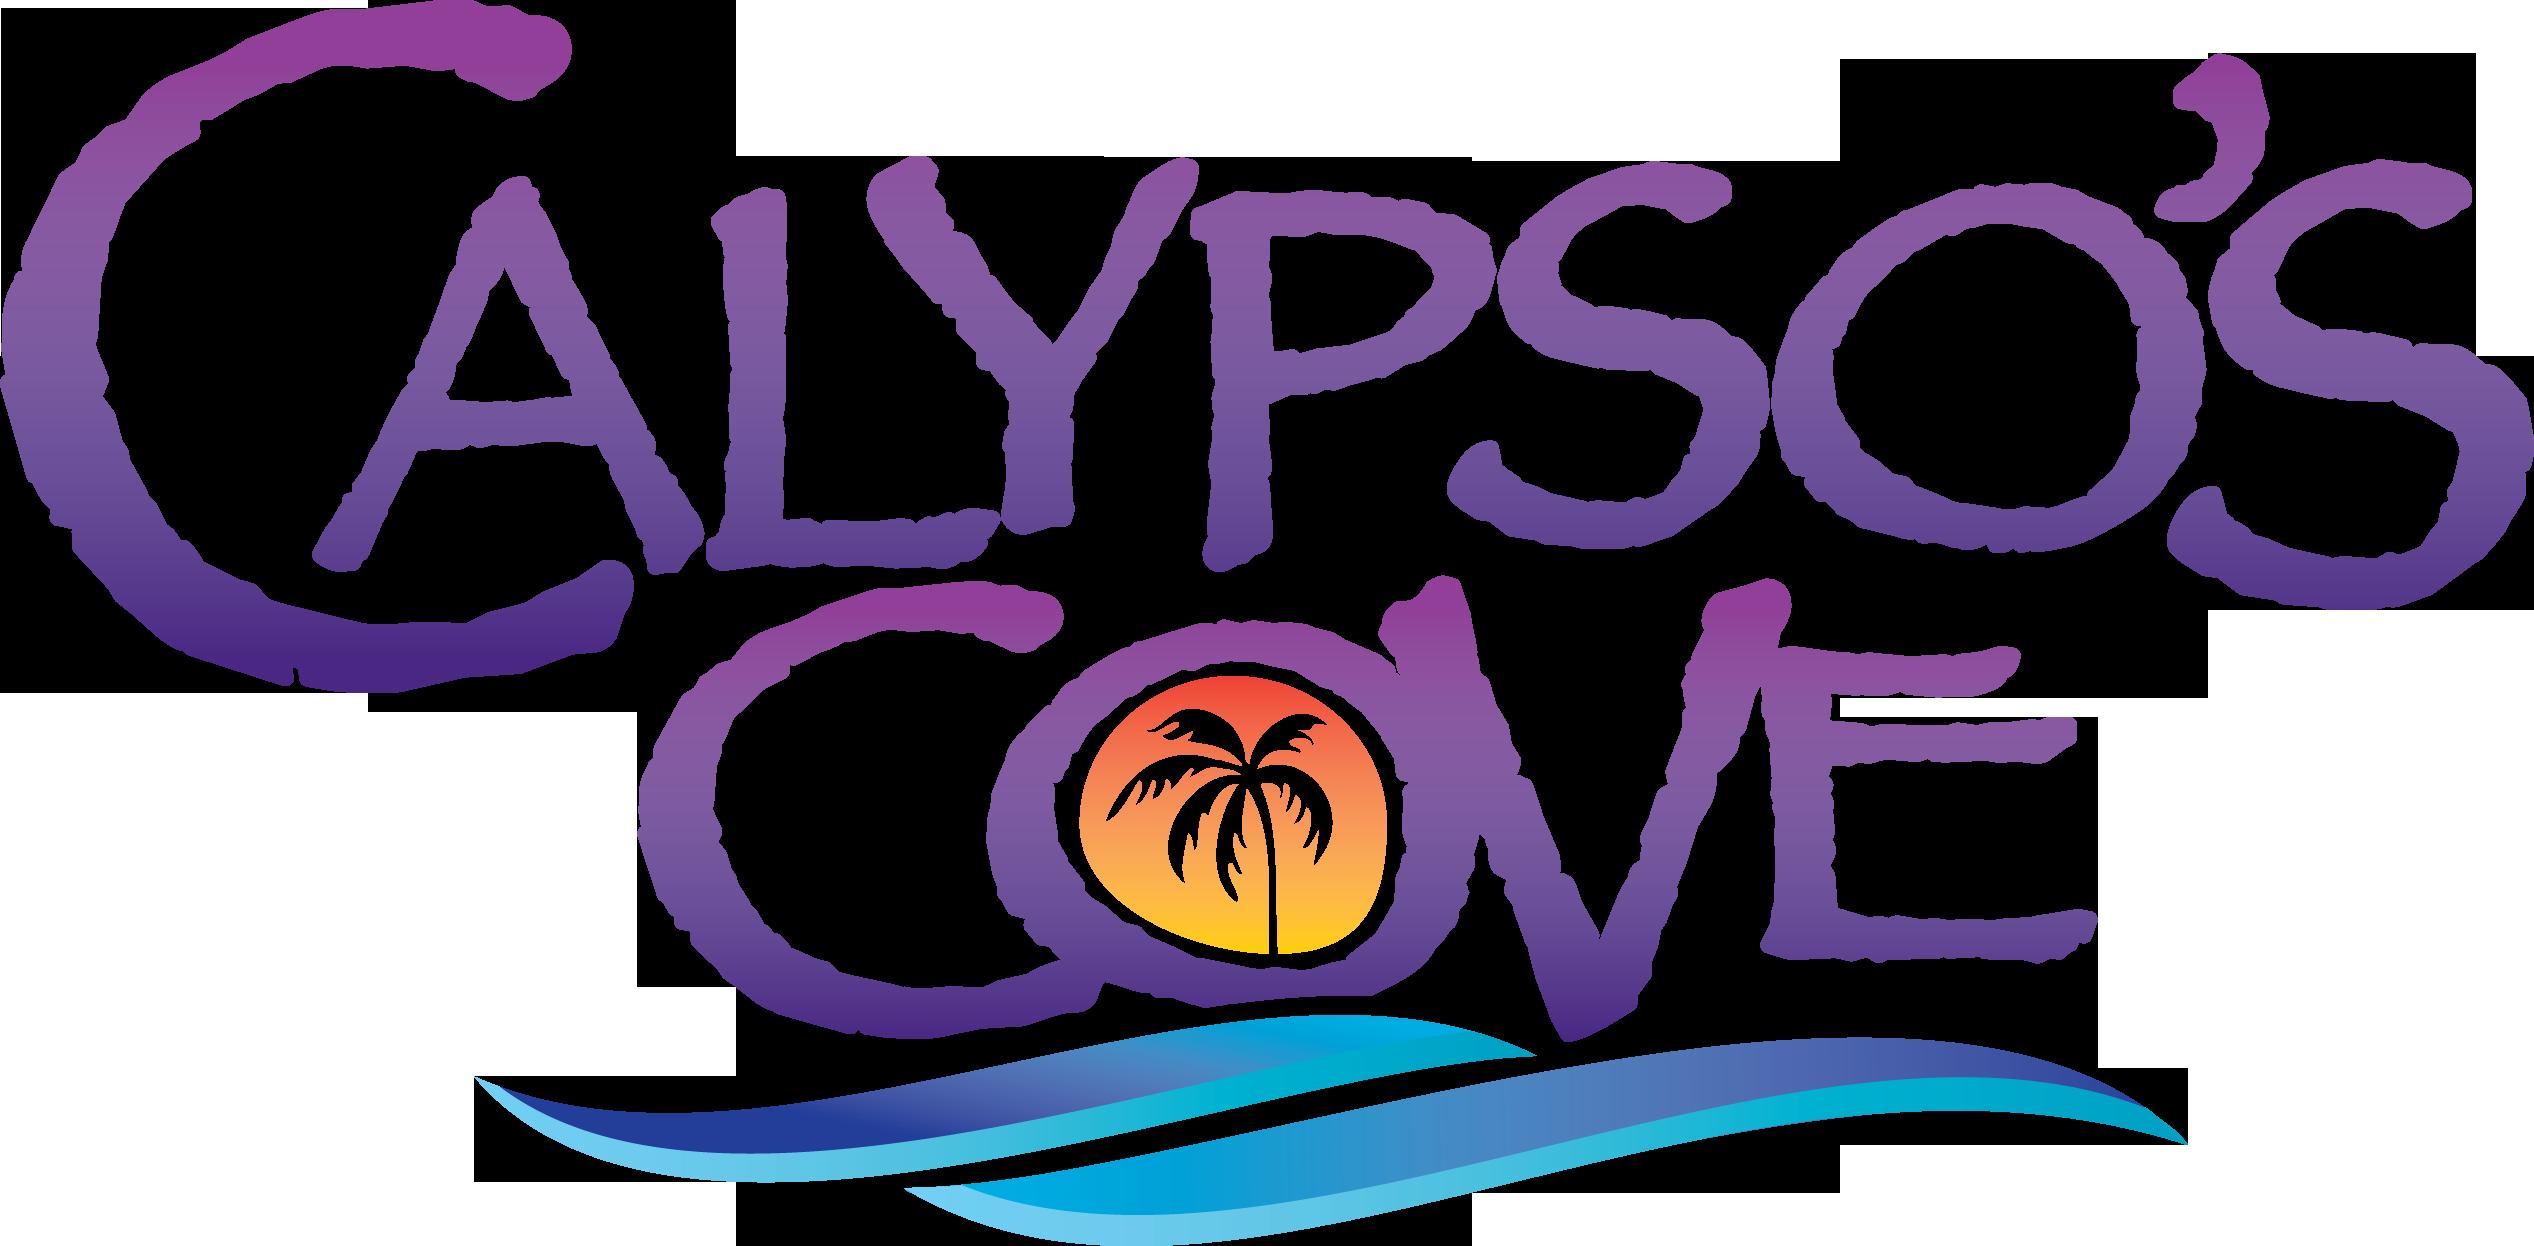 Calypsos cove logo